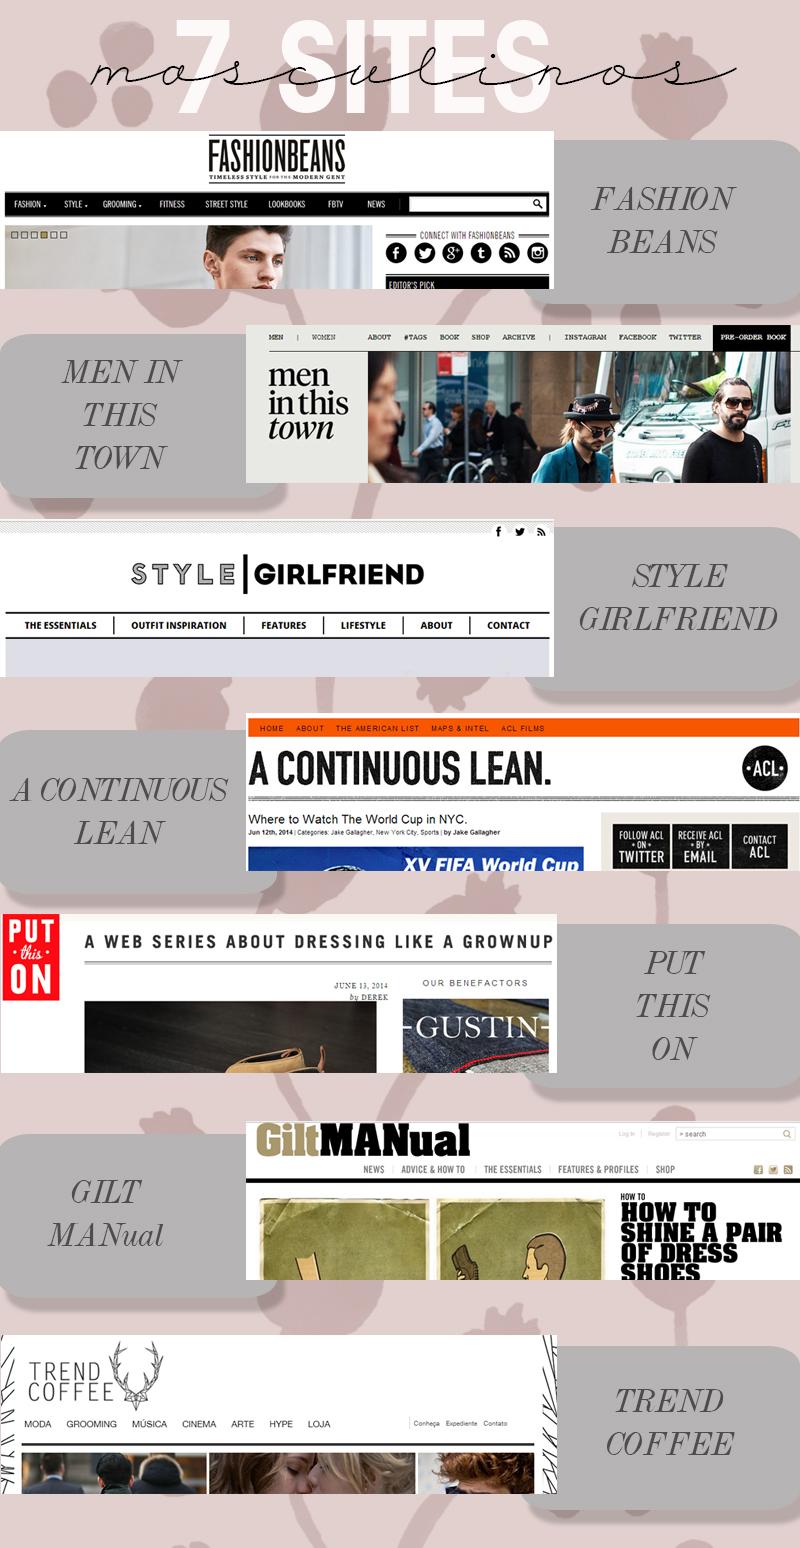 sites de moda para homens